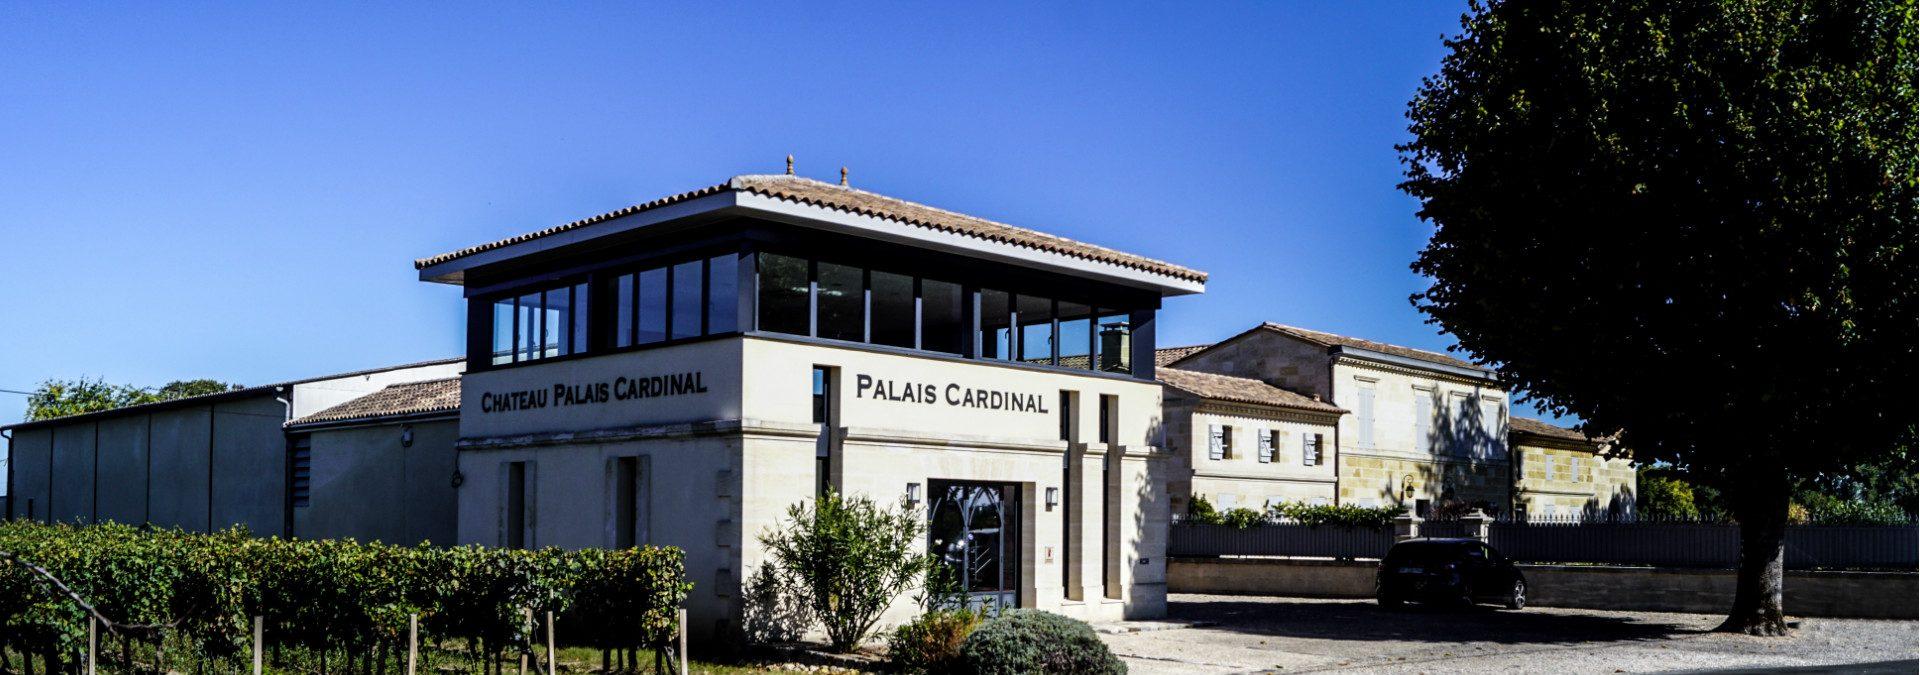 Château Palais Cardinal